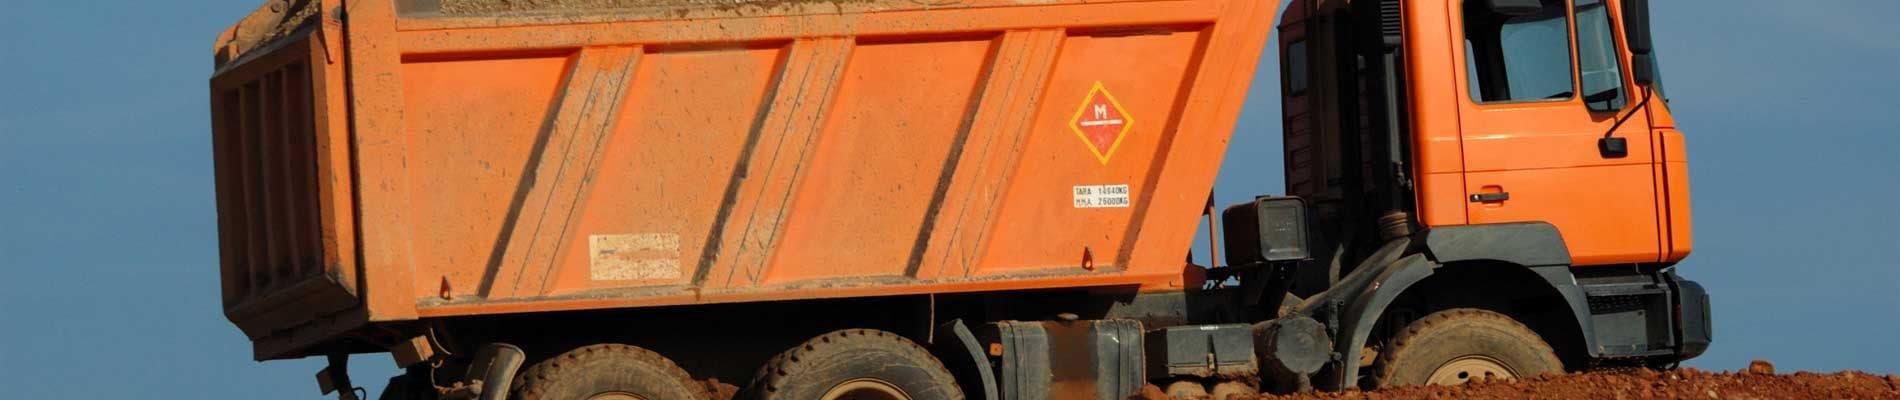 Transporte y maquinaria de construcción